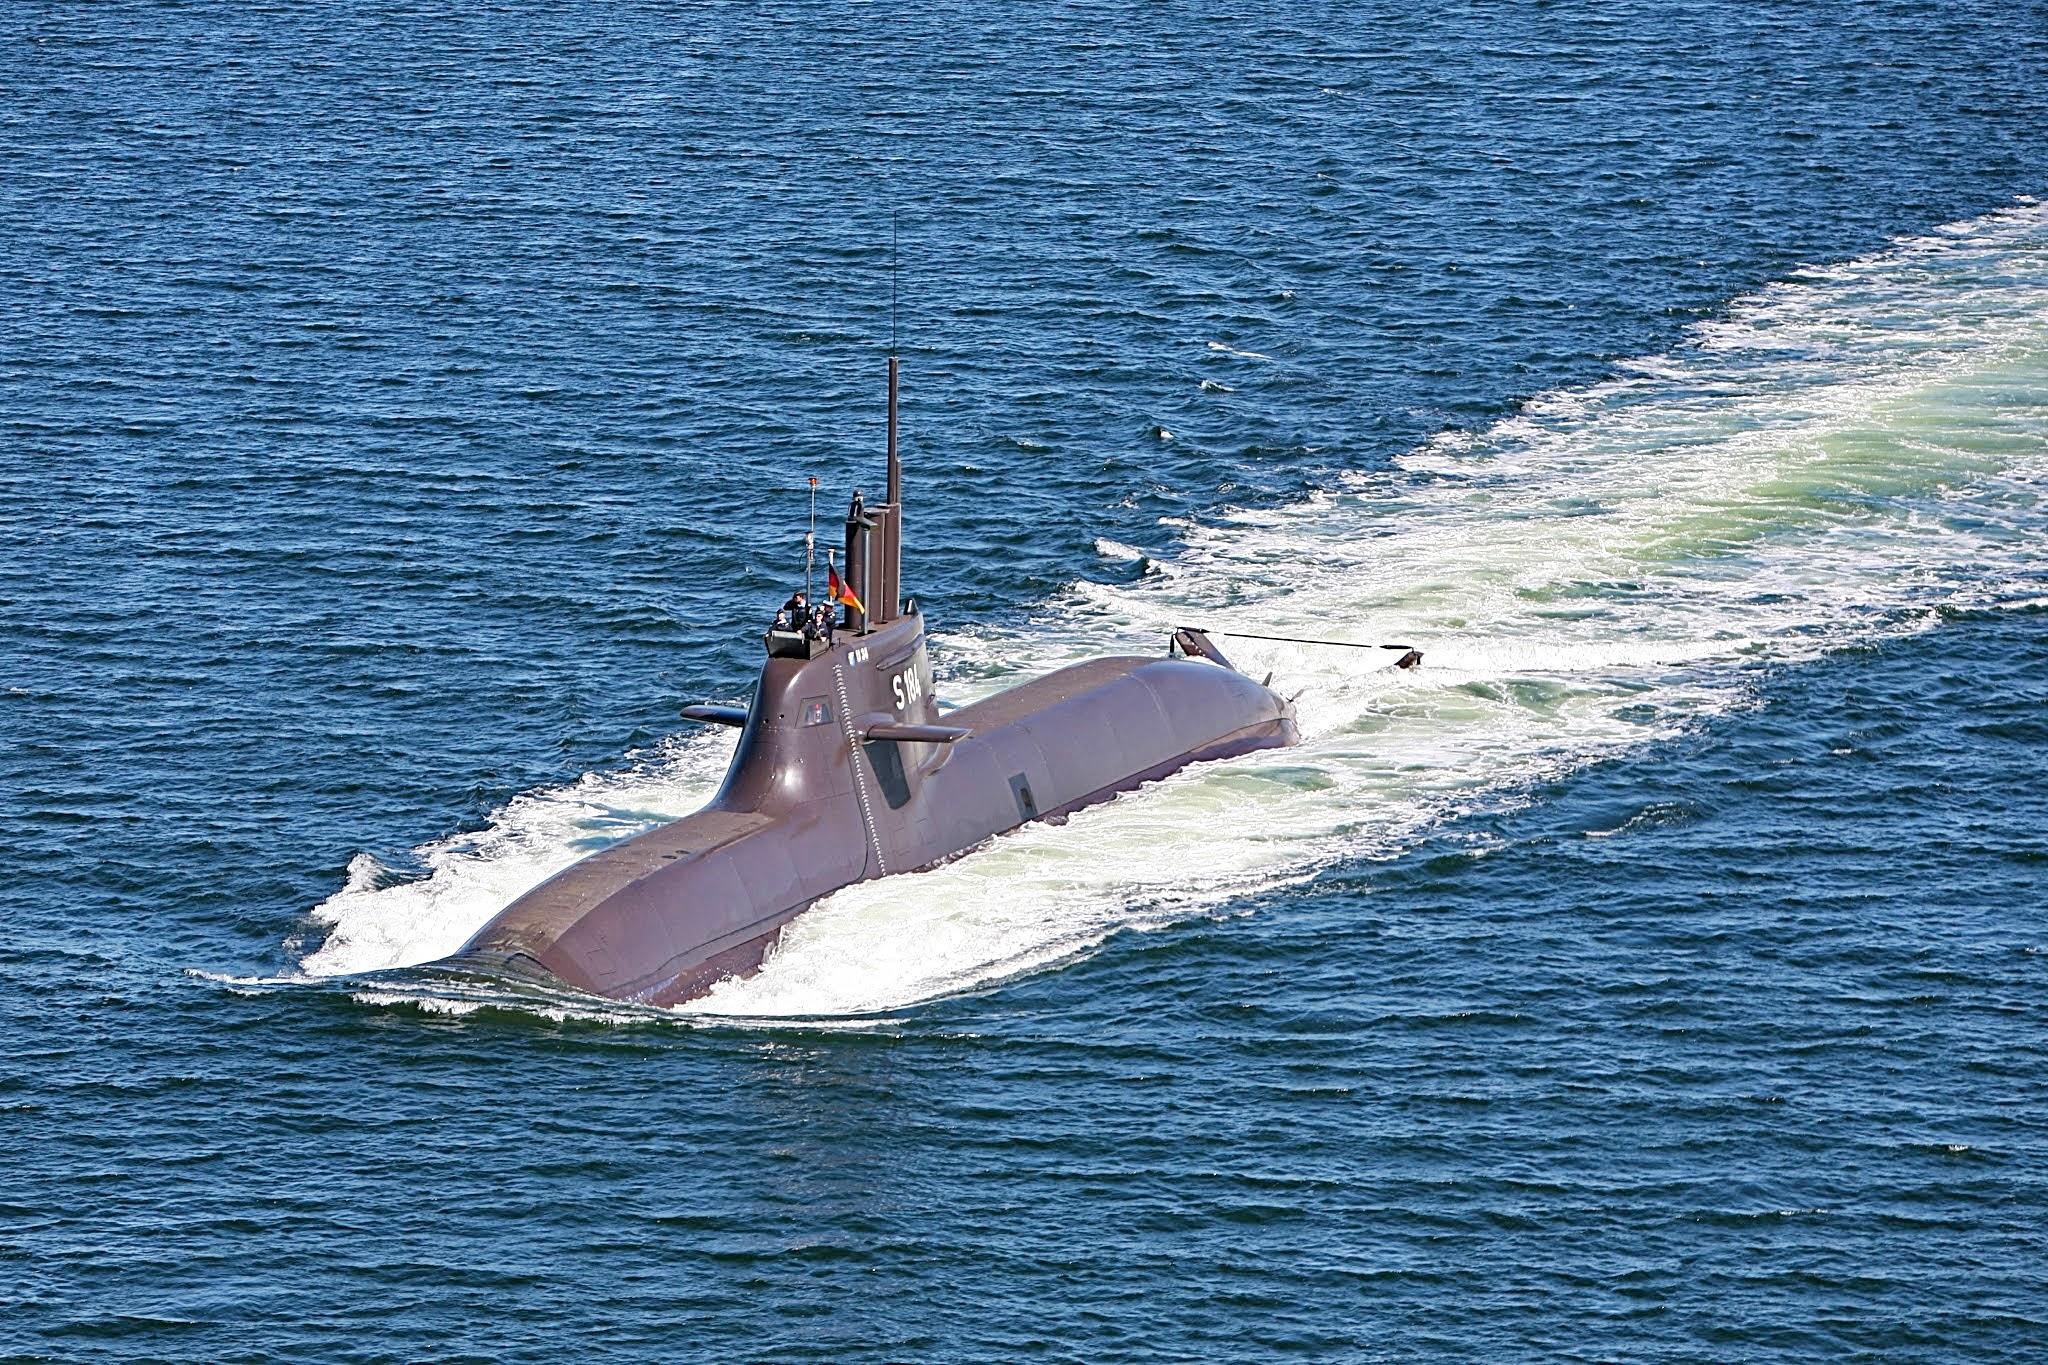 Luftbild vom U-Boot (U 34) der Klasse 212A in Fahrt